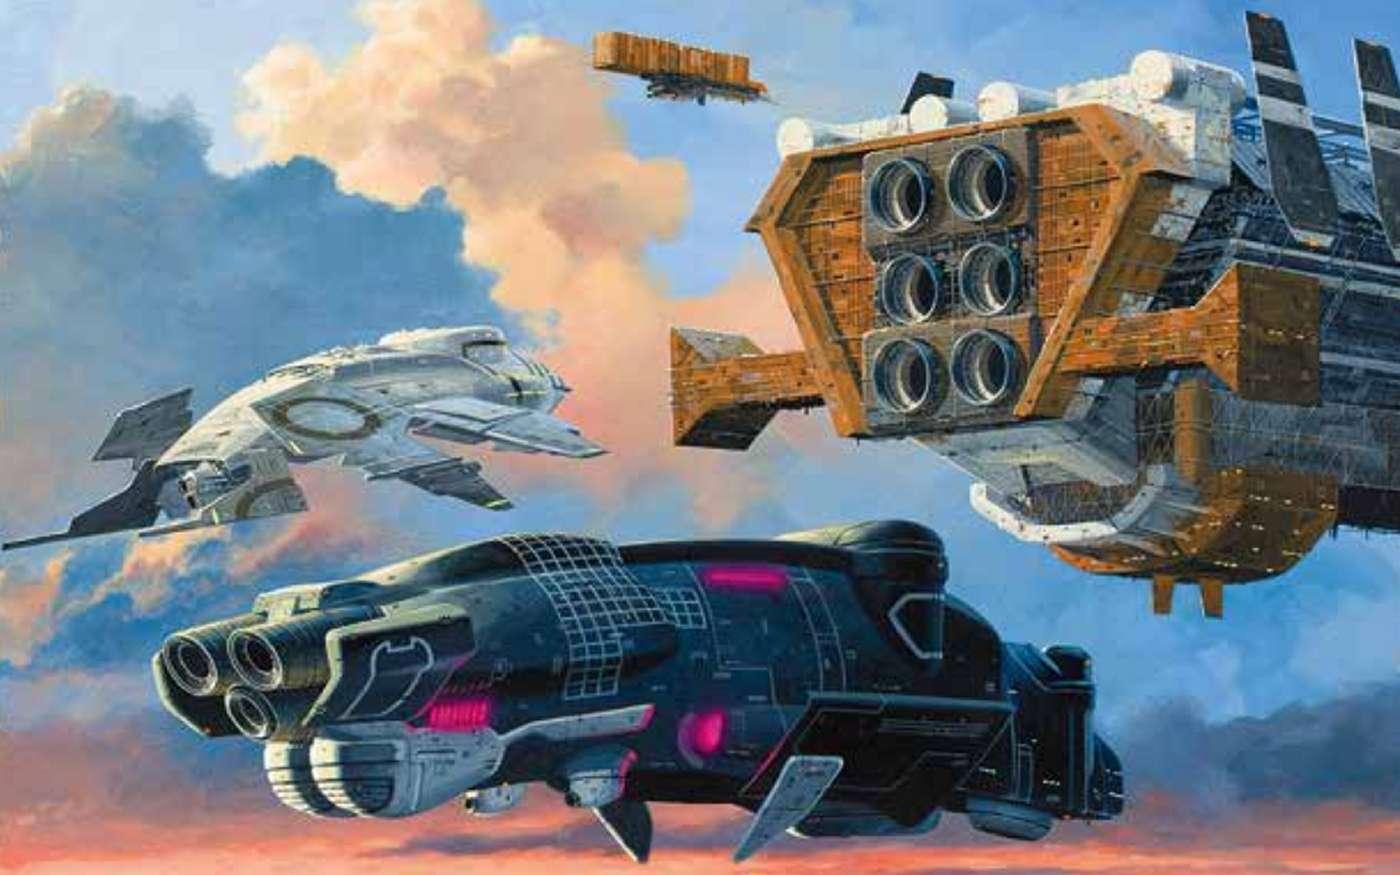 Les Utopiales, festival international de science-fiction, aura lieu du 29 octobre au 2 novembre, au Centre des congrès de Nantes. © Manchu, les Utopiales